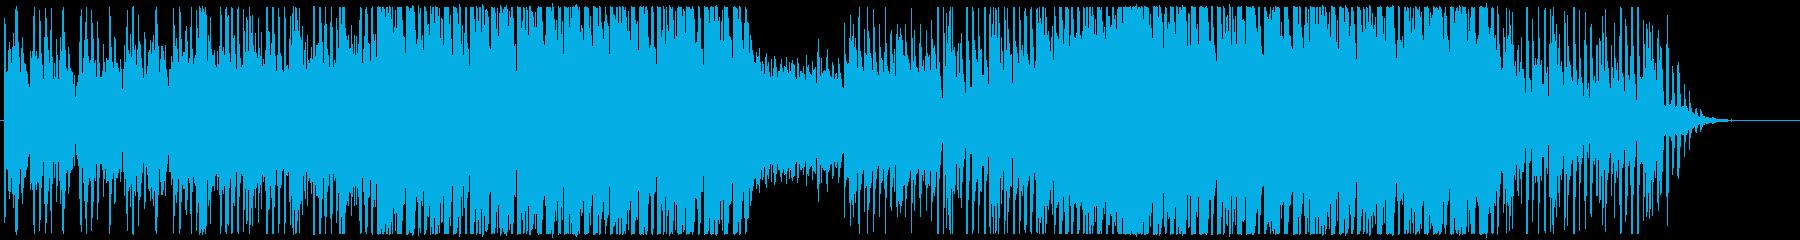 琴ループをEDM調にしたほんわかBGMの再生済みの波形